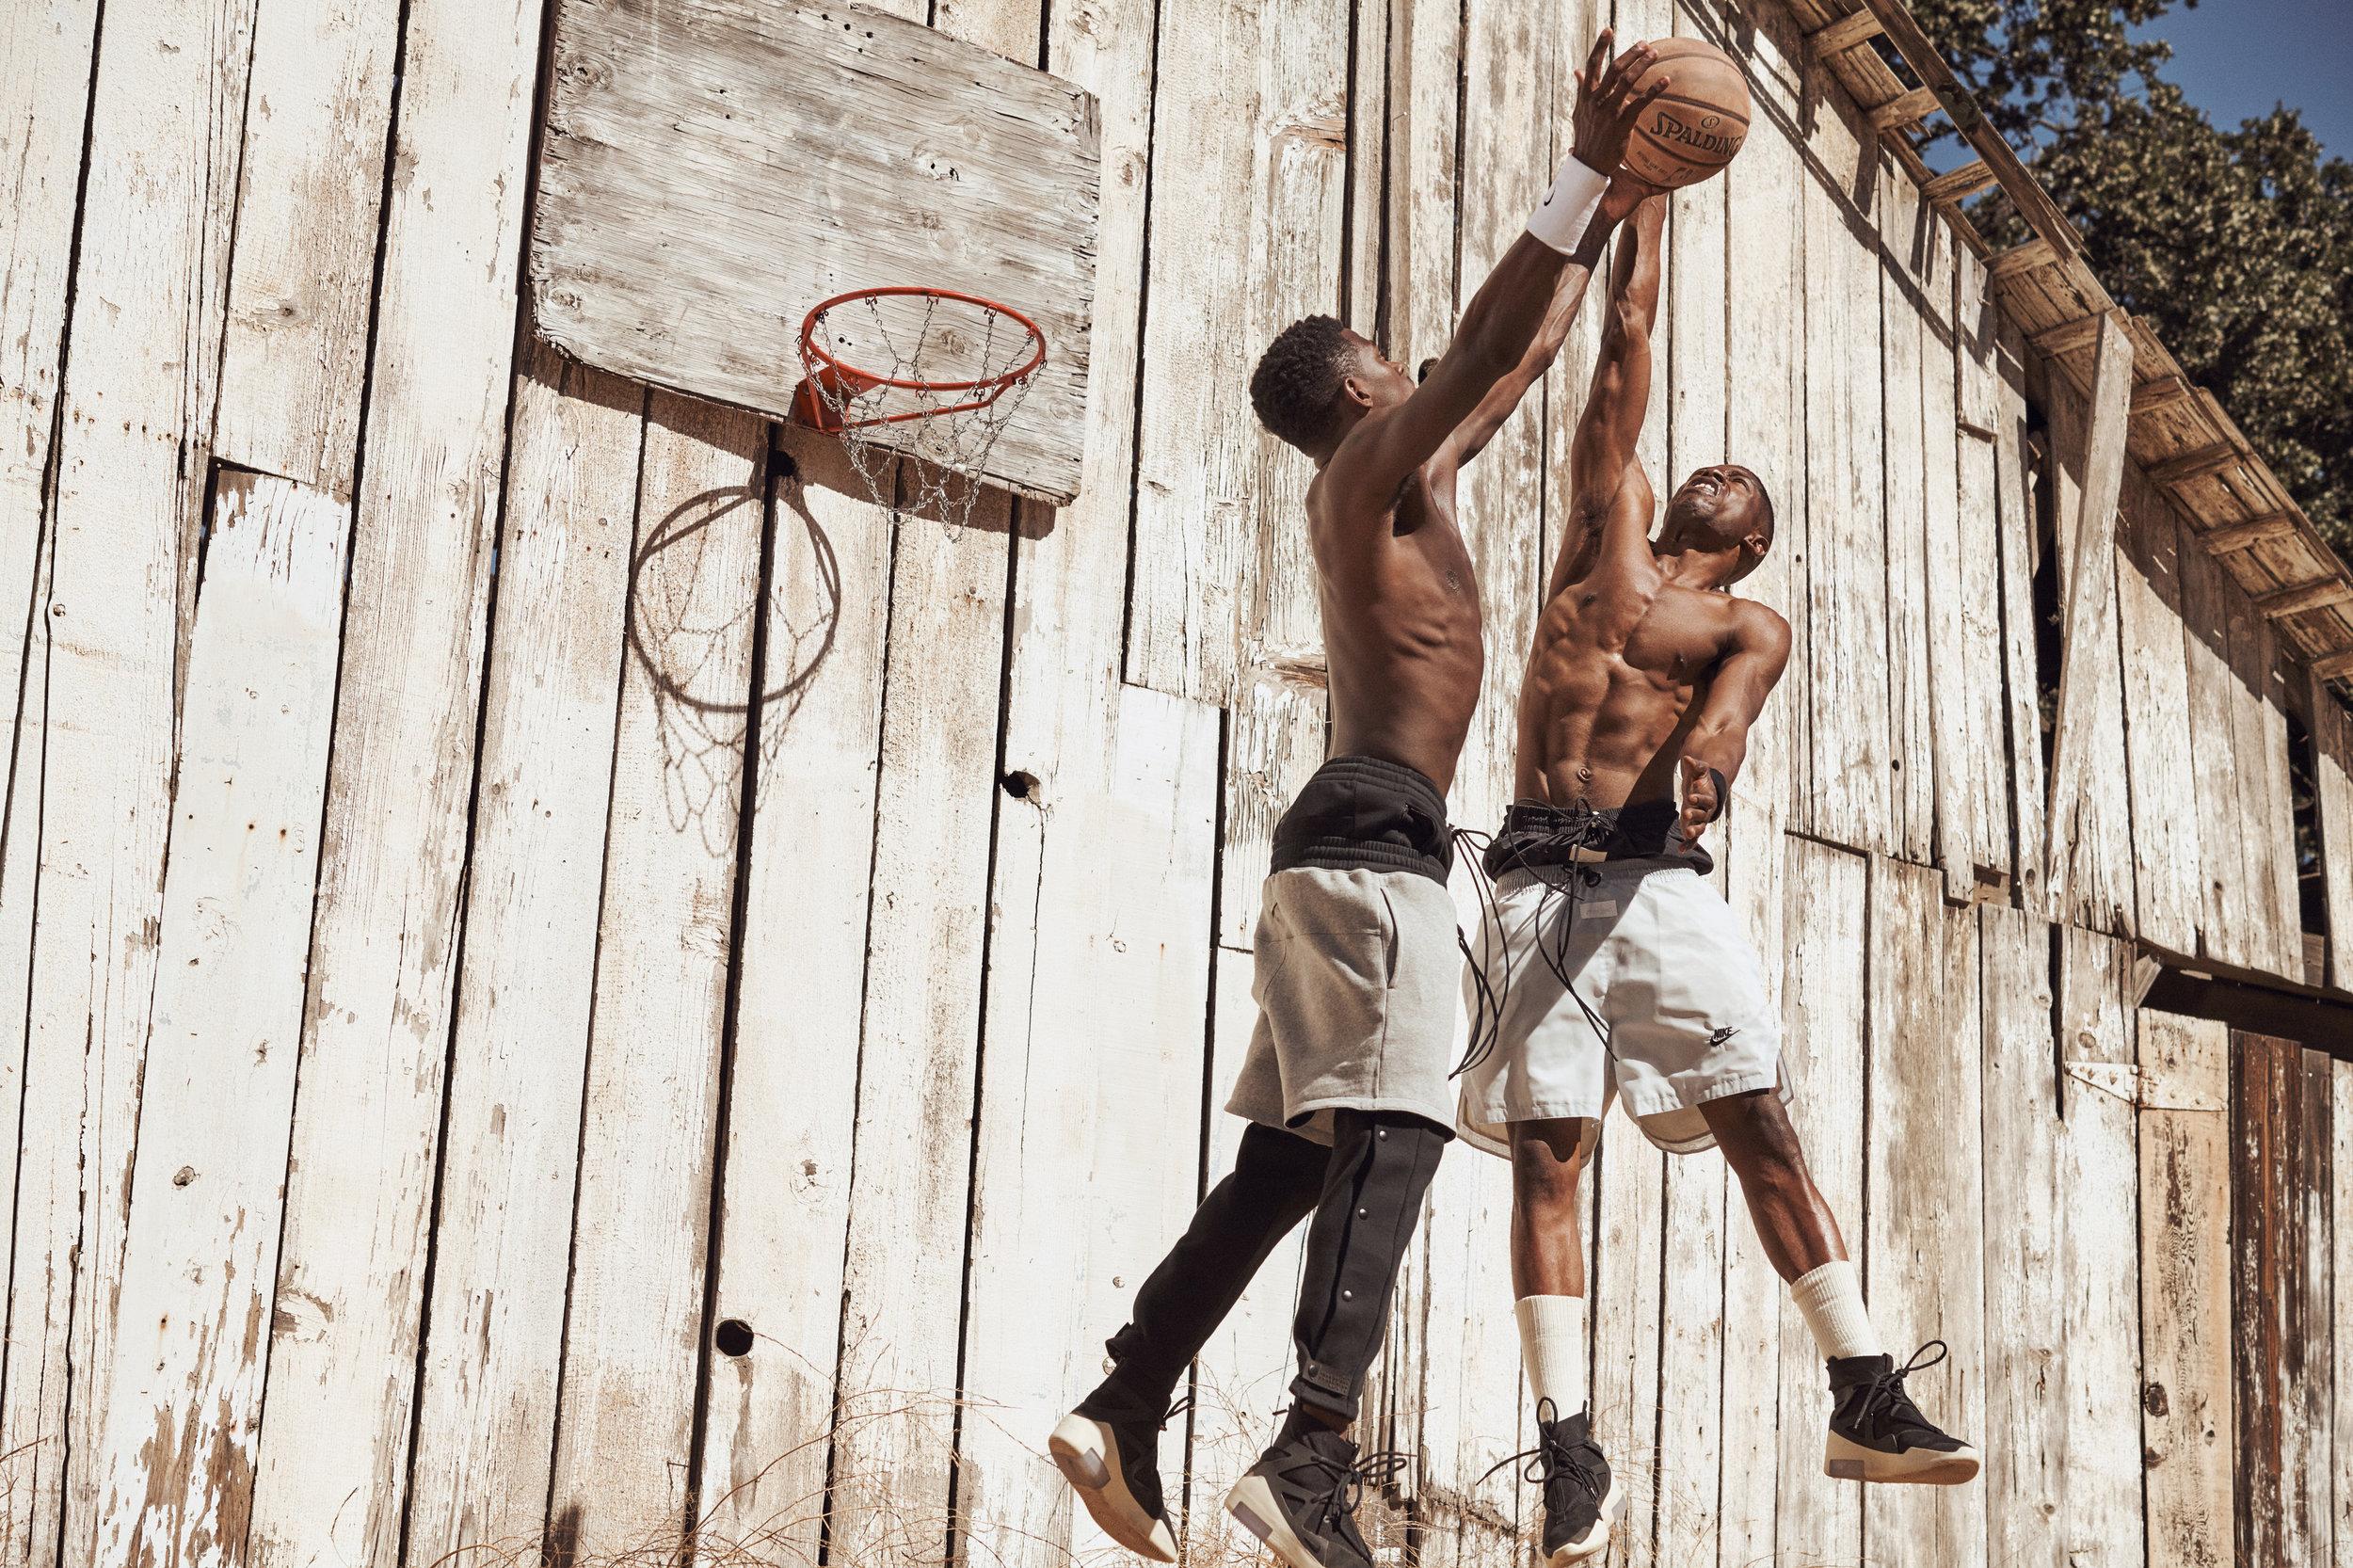 Nike-x-Fear-of-God-20_original.jpg